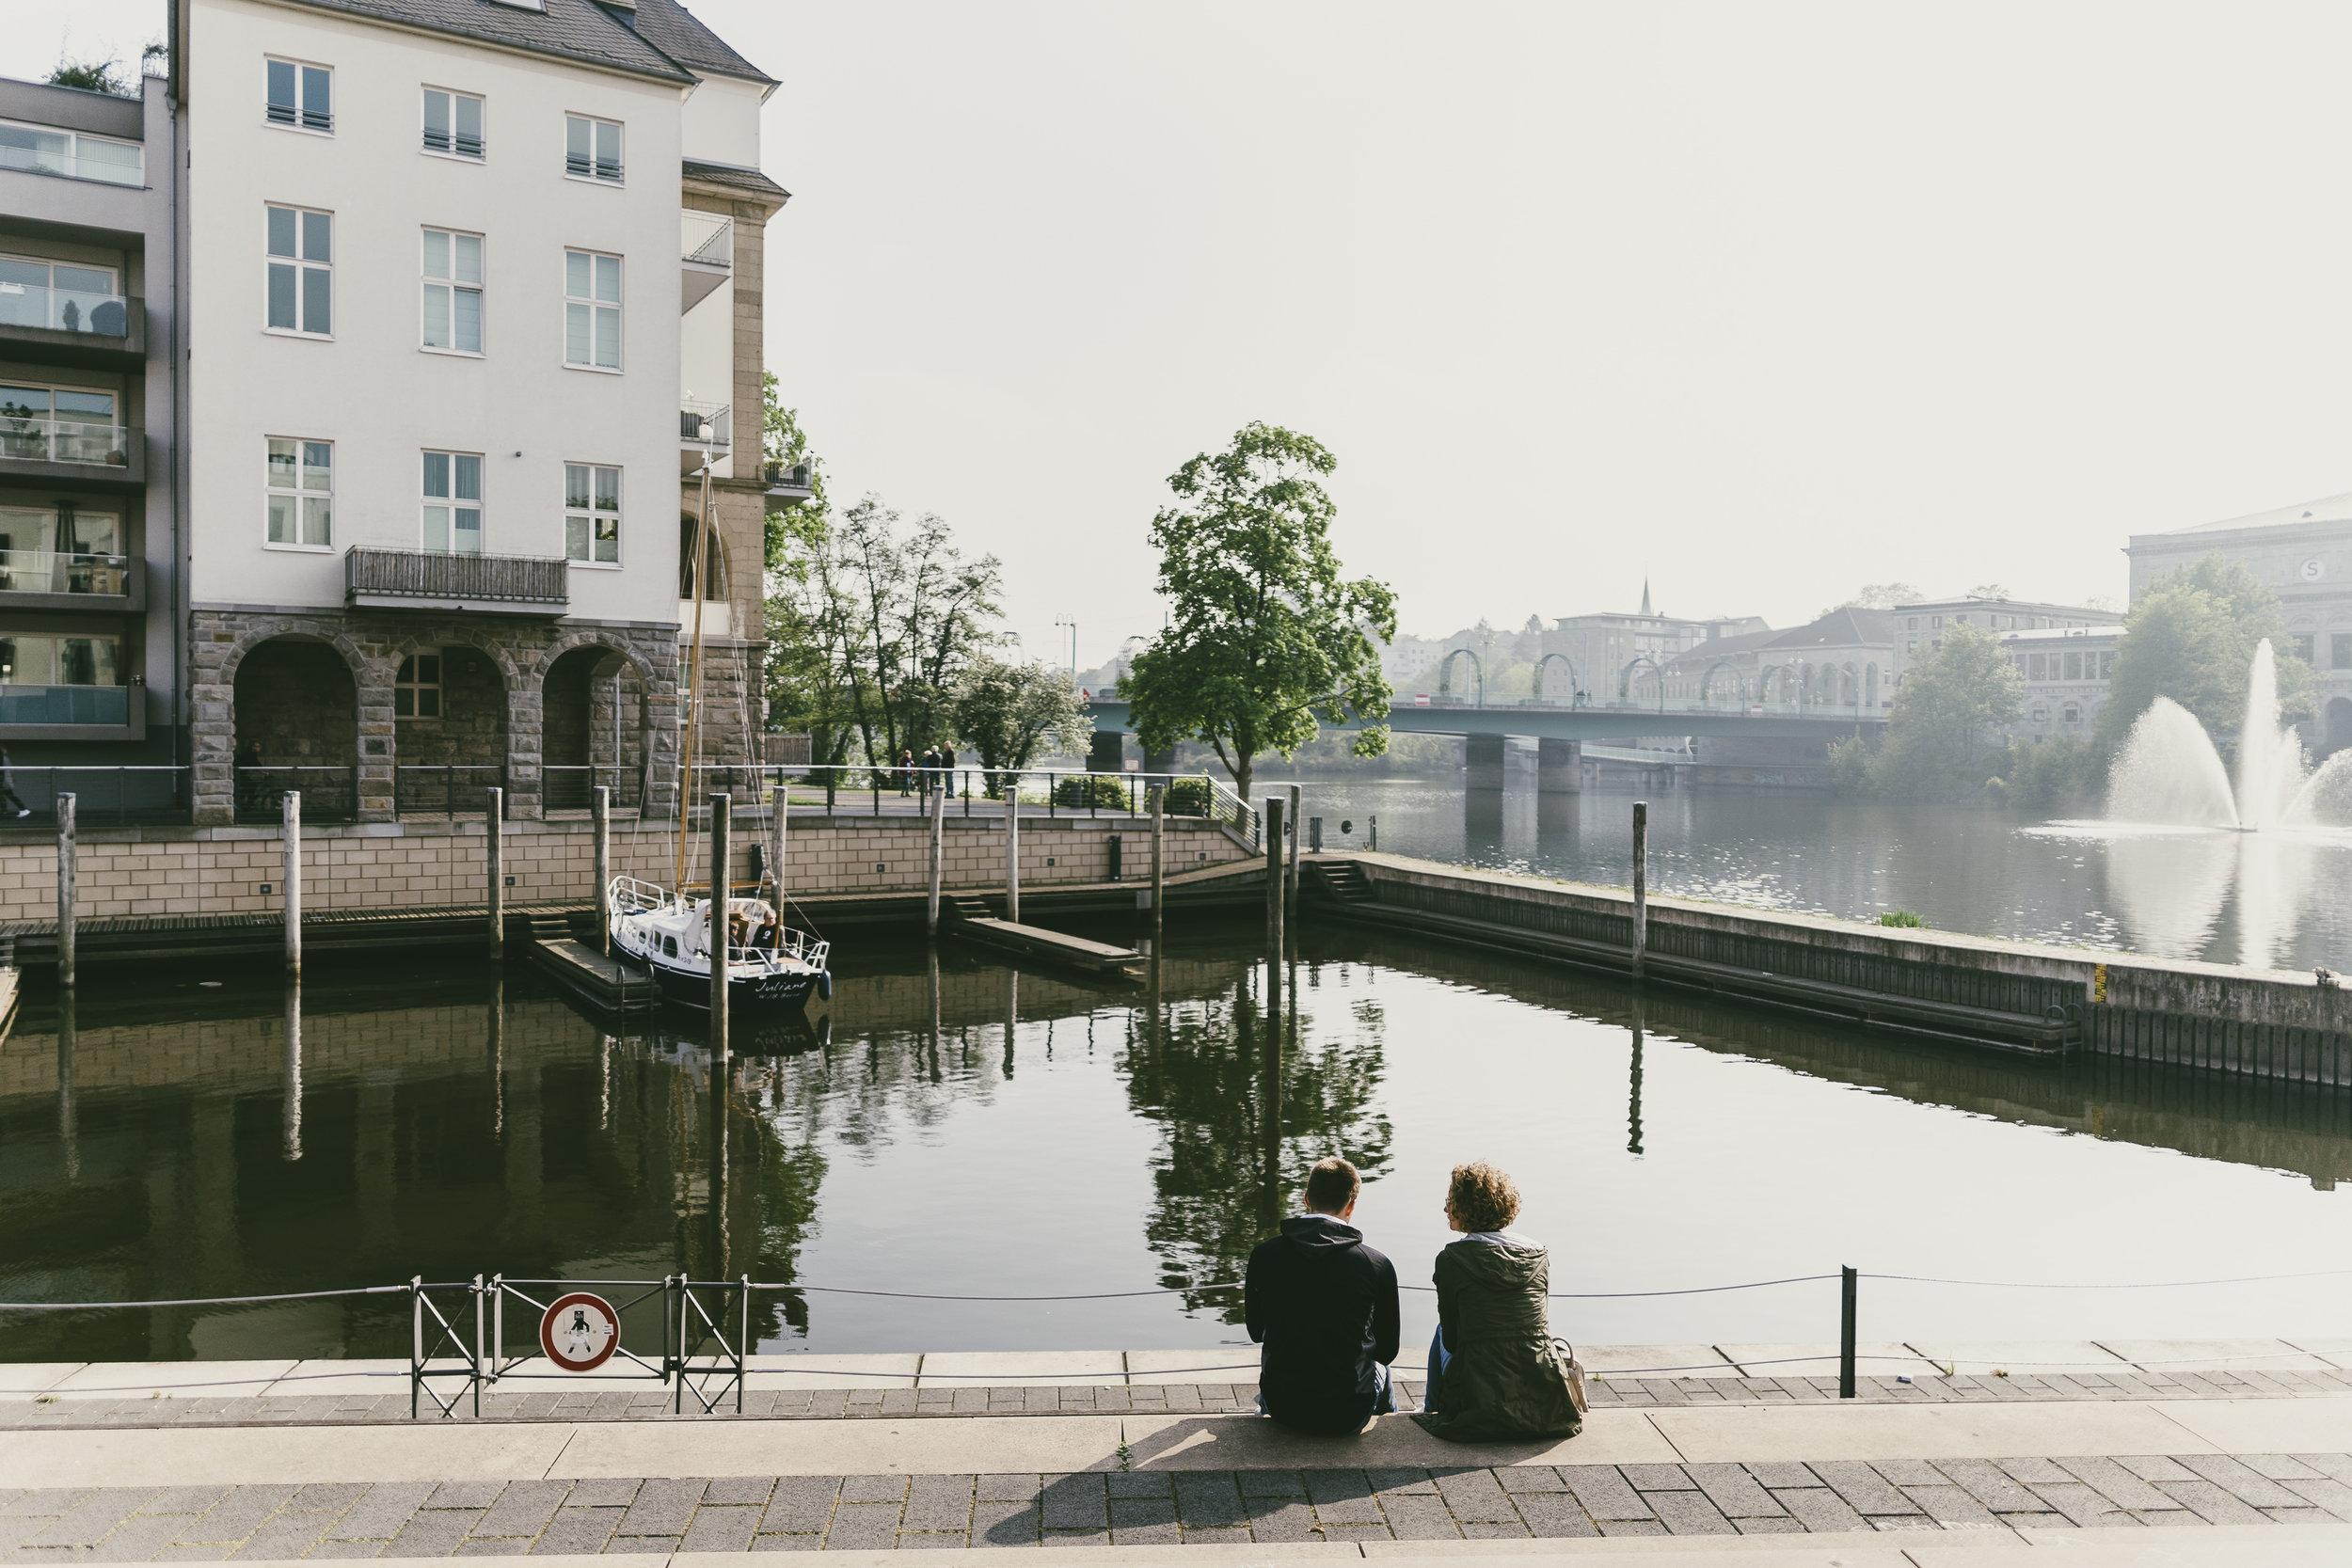 Flanieren an der Ruhr – - die einzige Innenstadt einer großen Ruhrstadt, die tatsächlich an der Ruhr liegt!